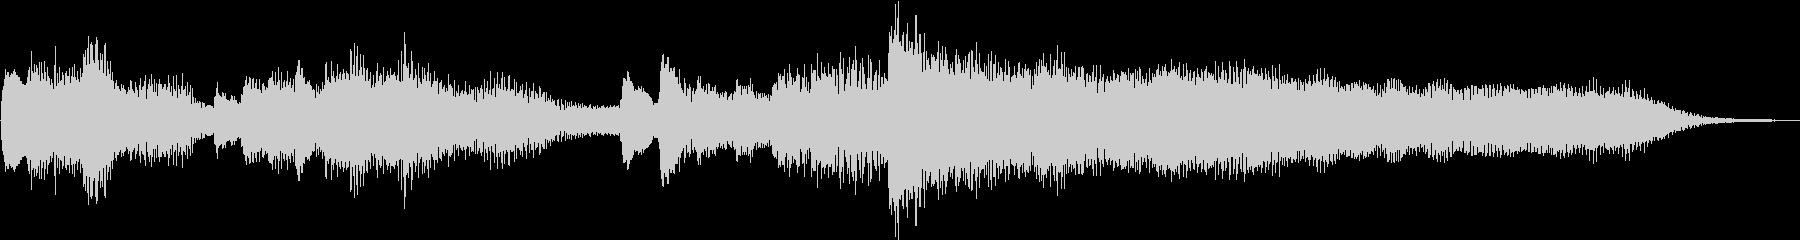 キラキラしたピアノのジングルの未再生の波形